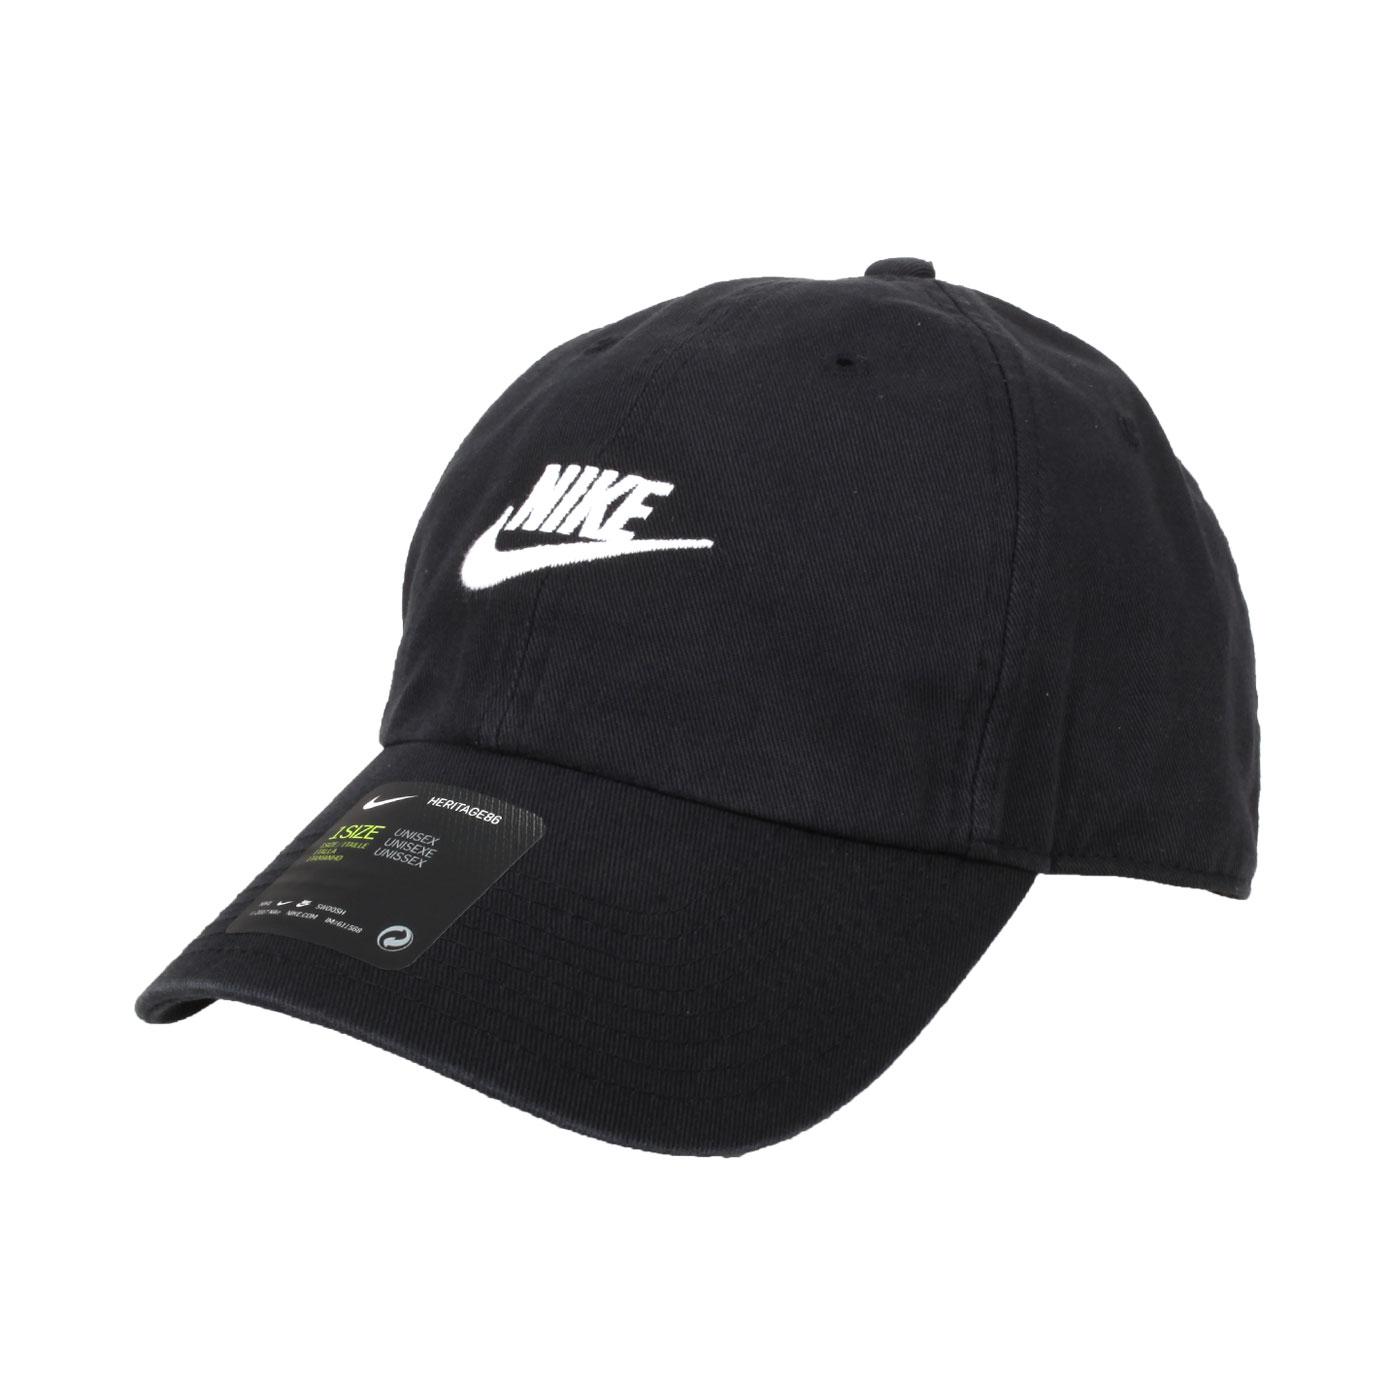 NIKE 帽子 913011-010